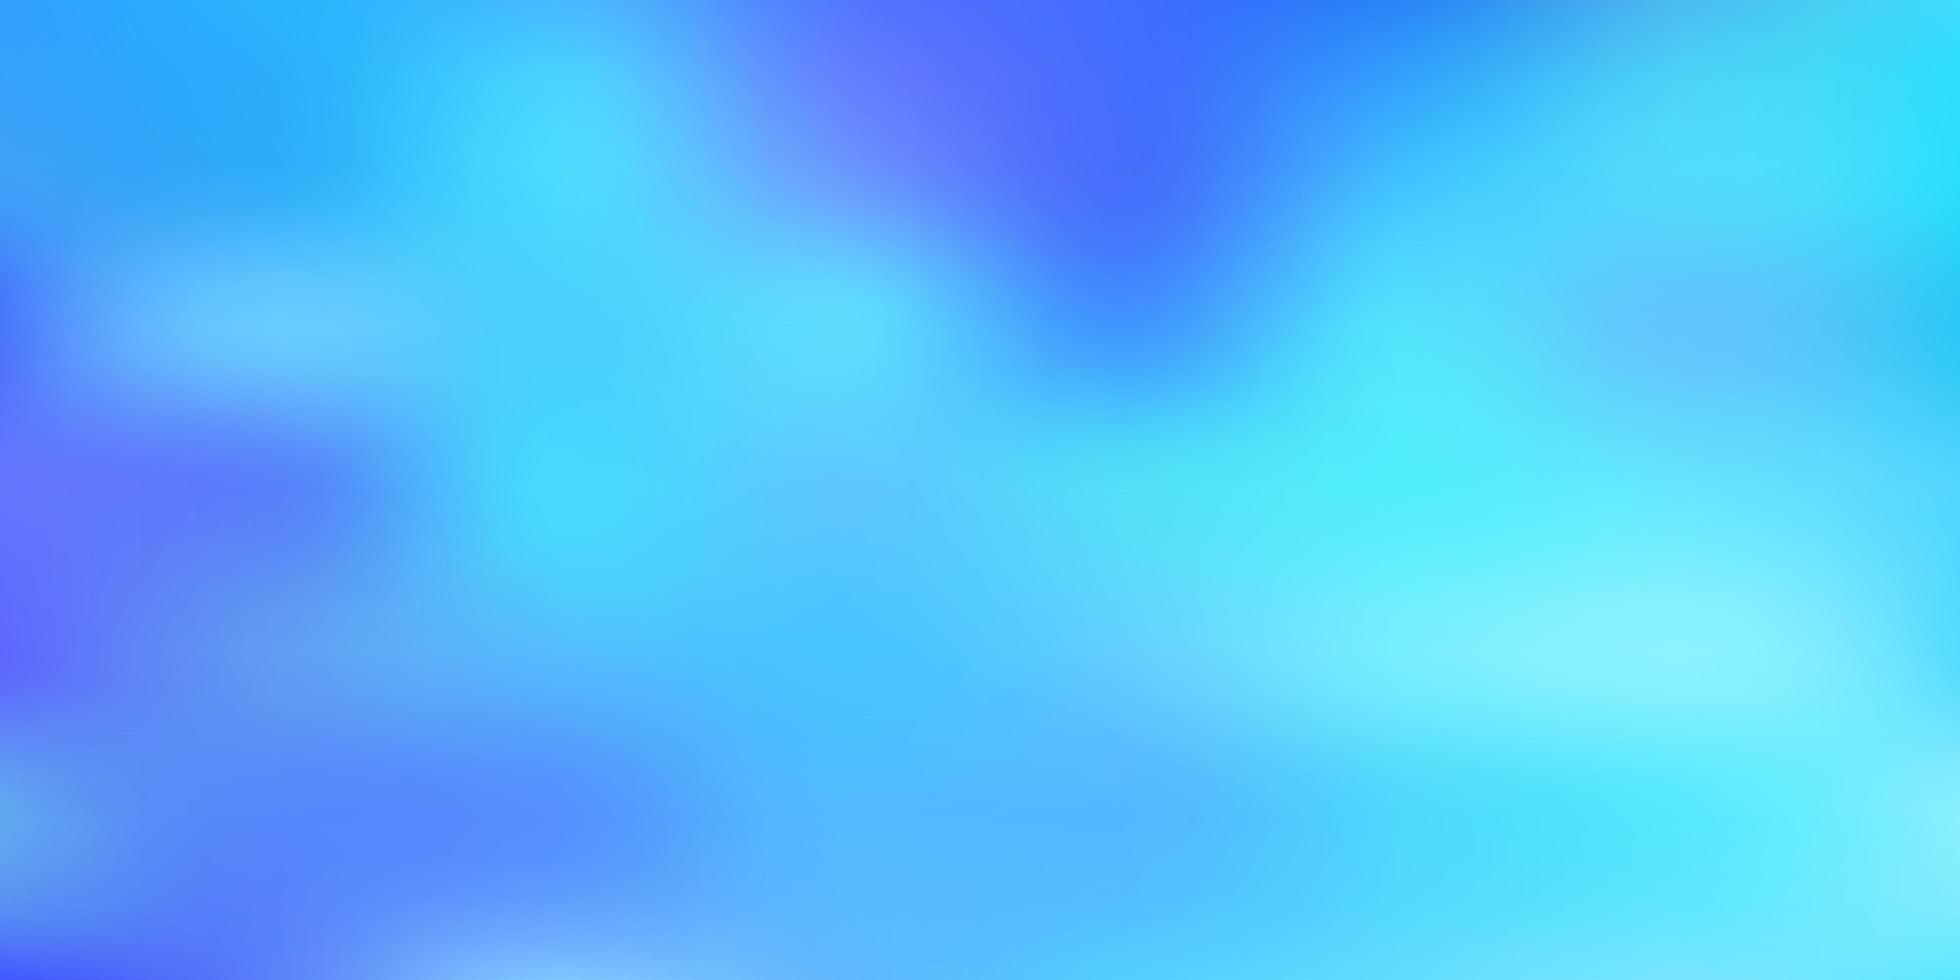 vector azul claro fondo borroso.